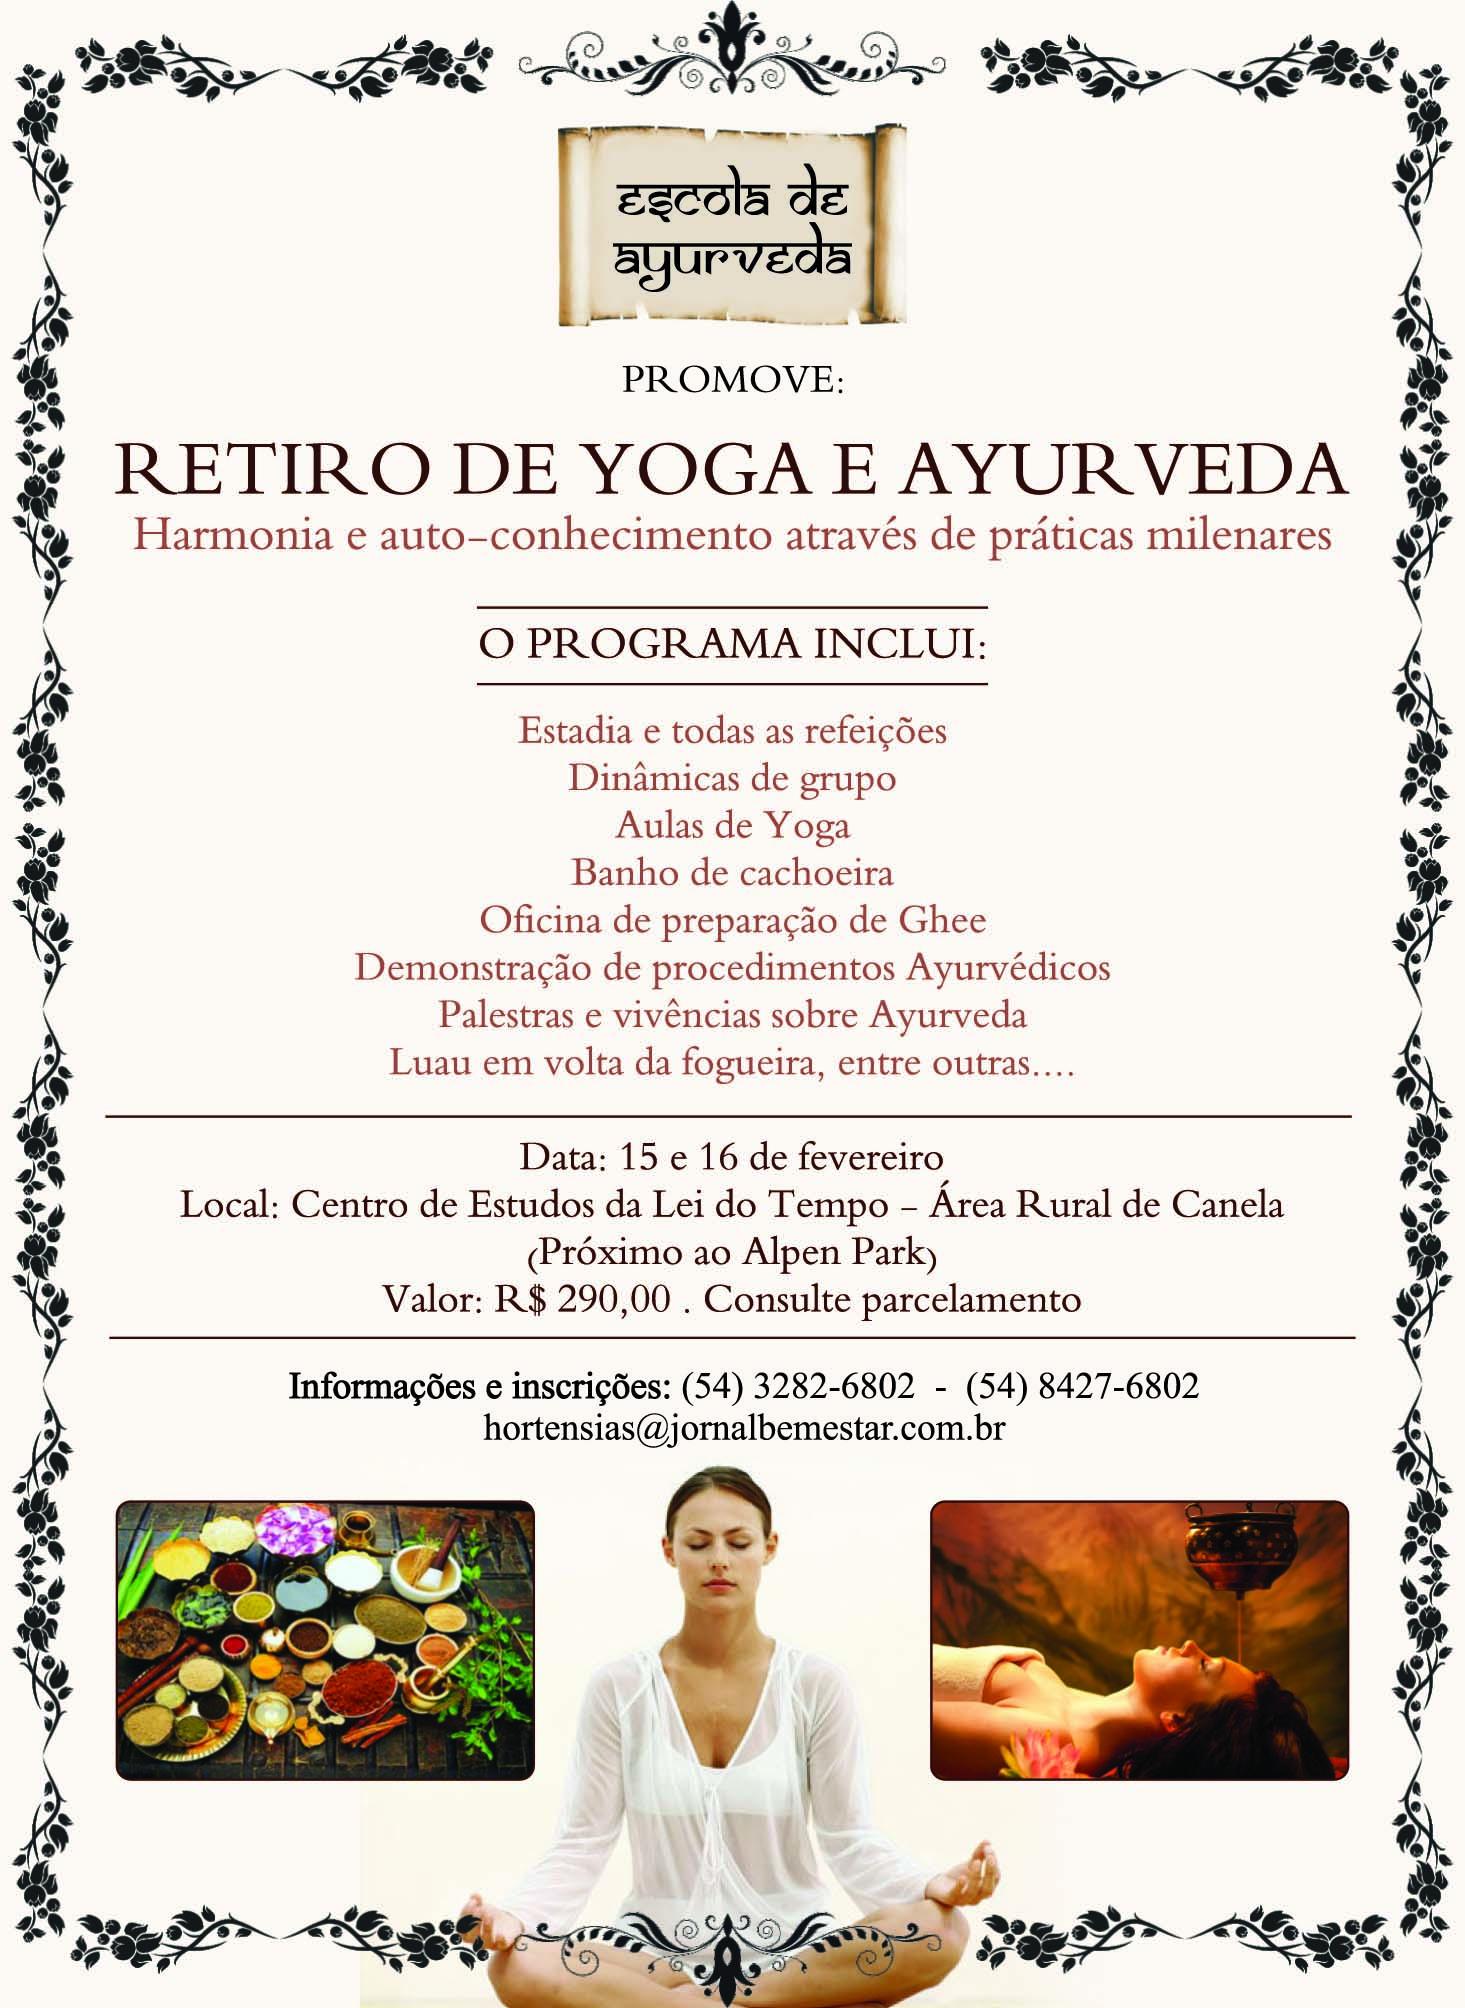 Retiro de yoga janeiro 2014